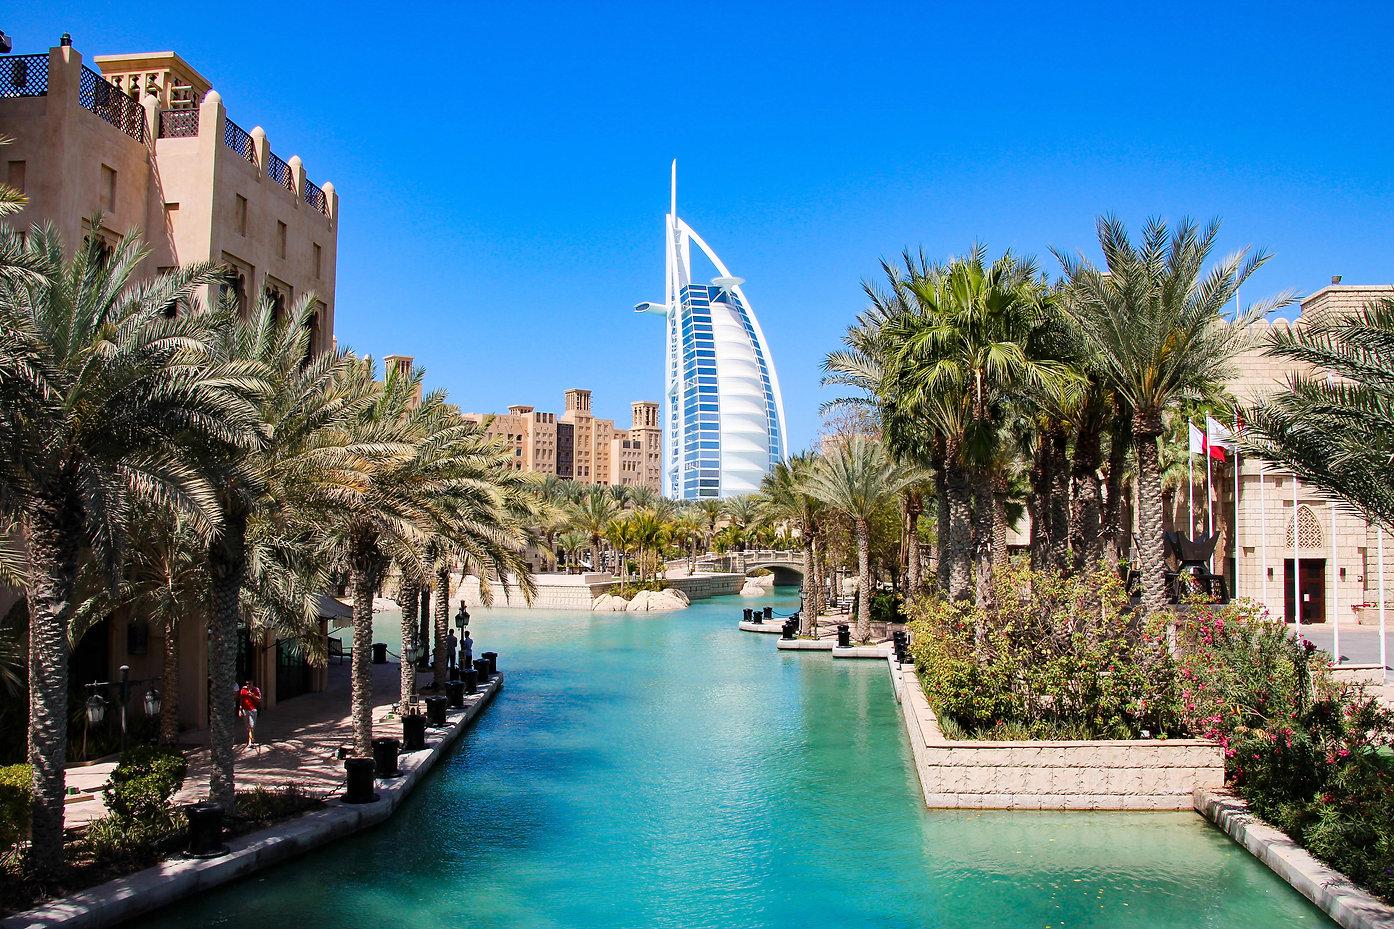 Burj al Arab seen from Madinat Jumeirah,